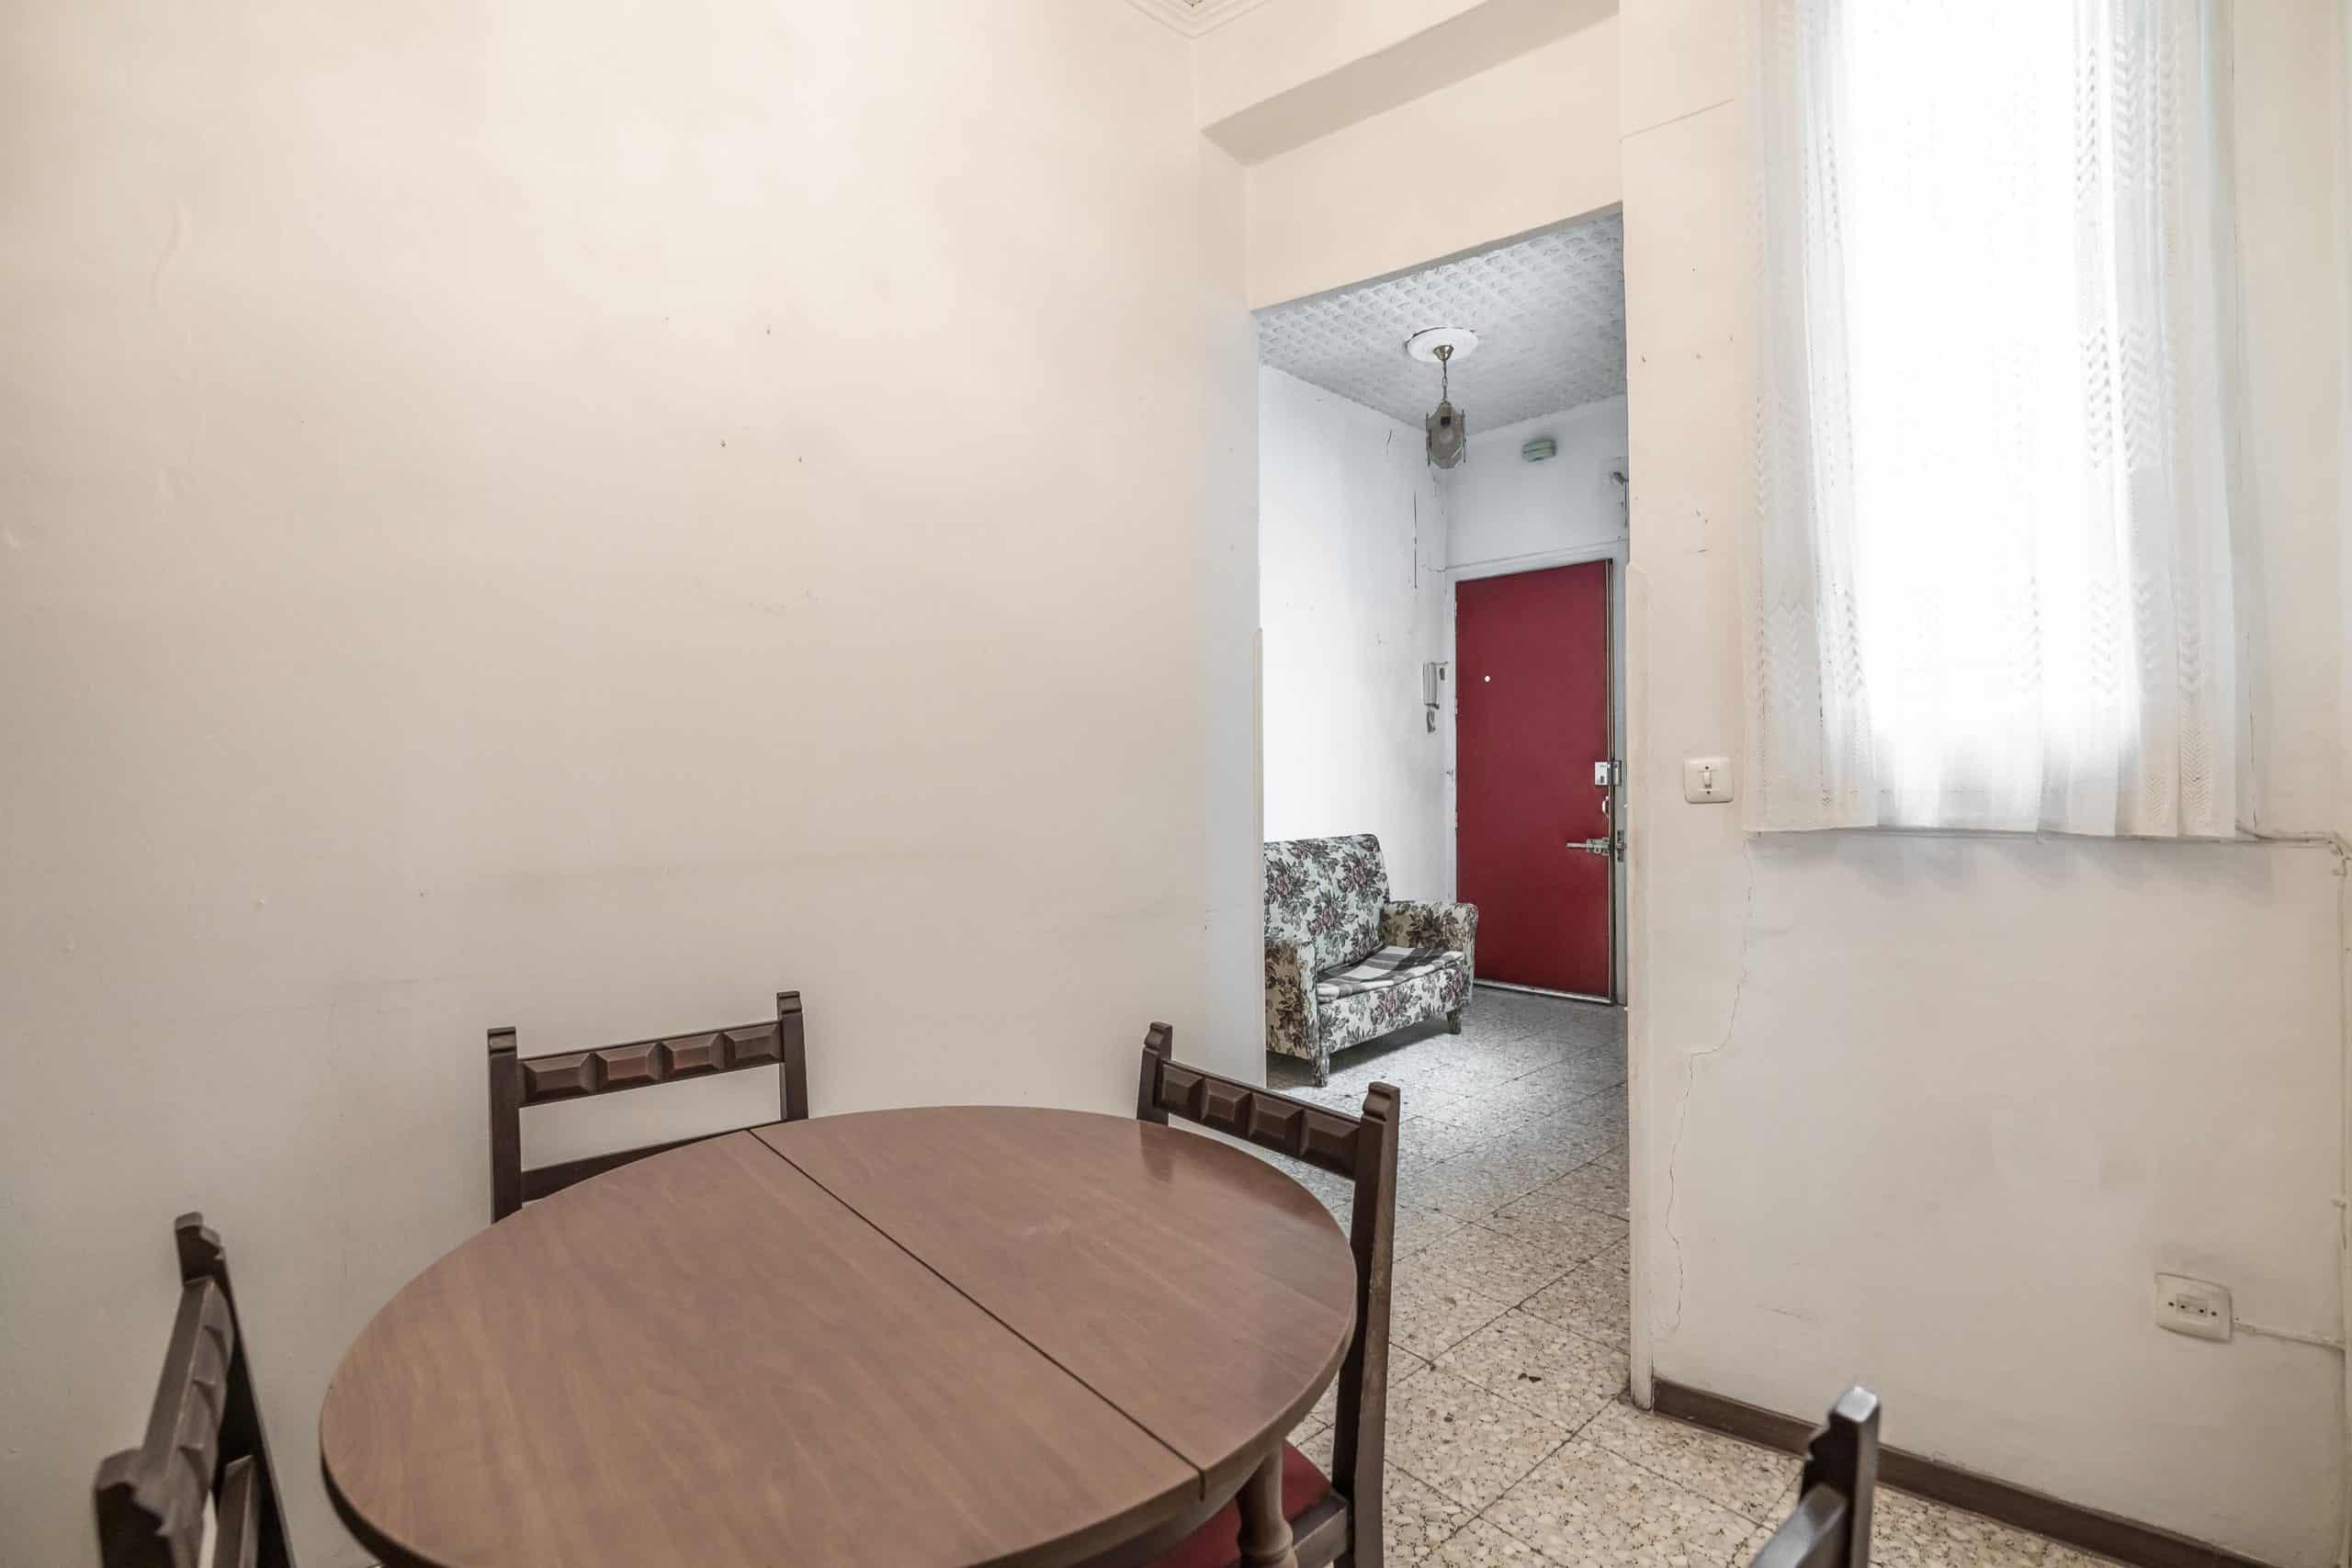 Agencia Inmobiliaria de Madrid-FUTUROCASA-Zona ARGANZUELA-EMBAJADORES-LEGAZPI -plaza General Vara del Rey- salon (6)